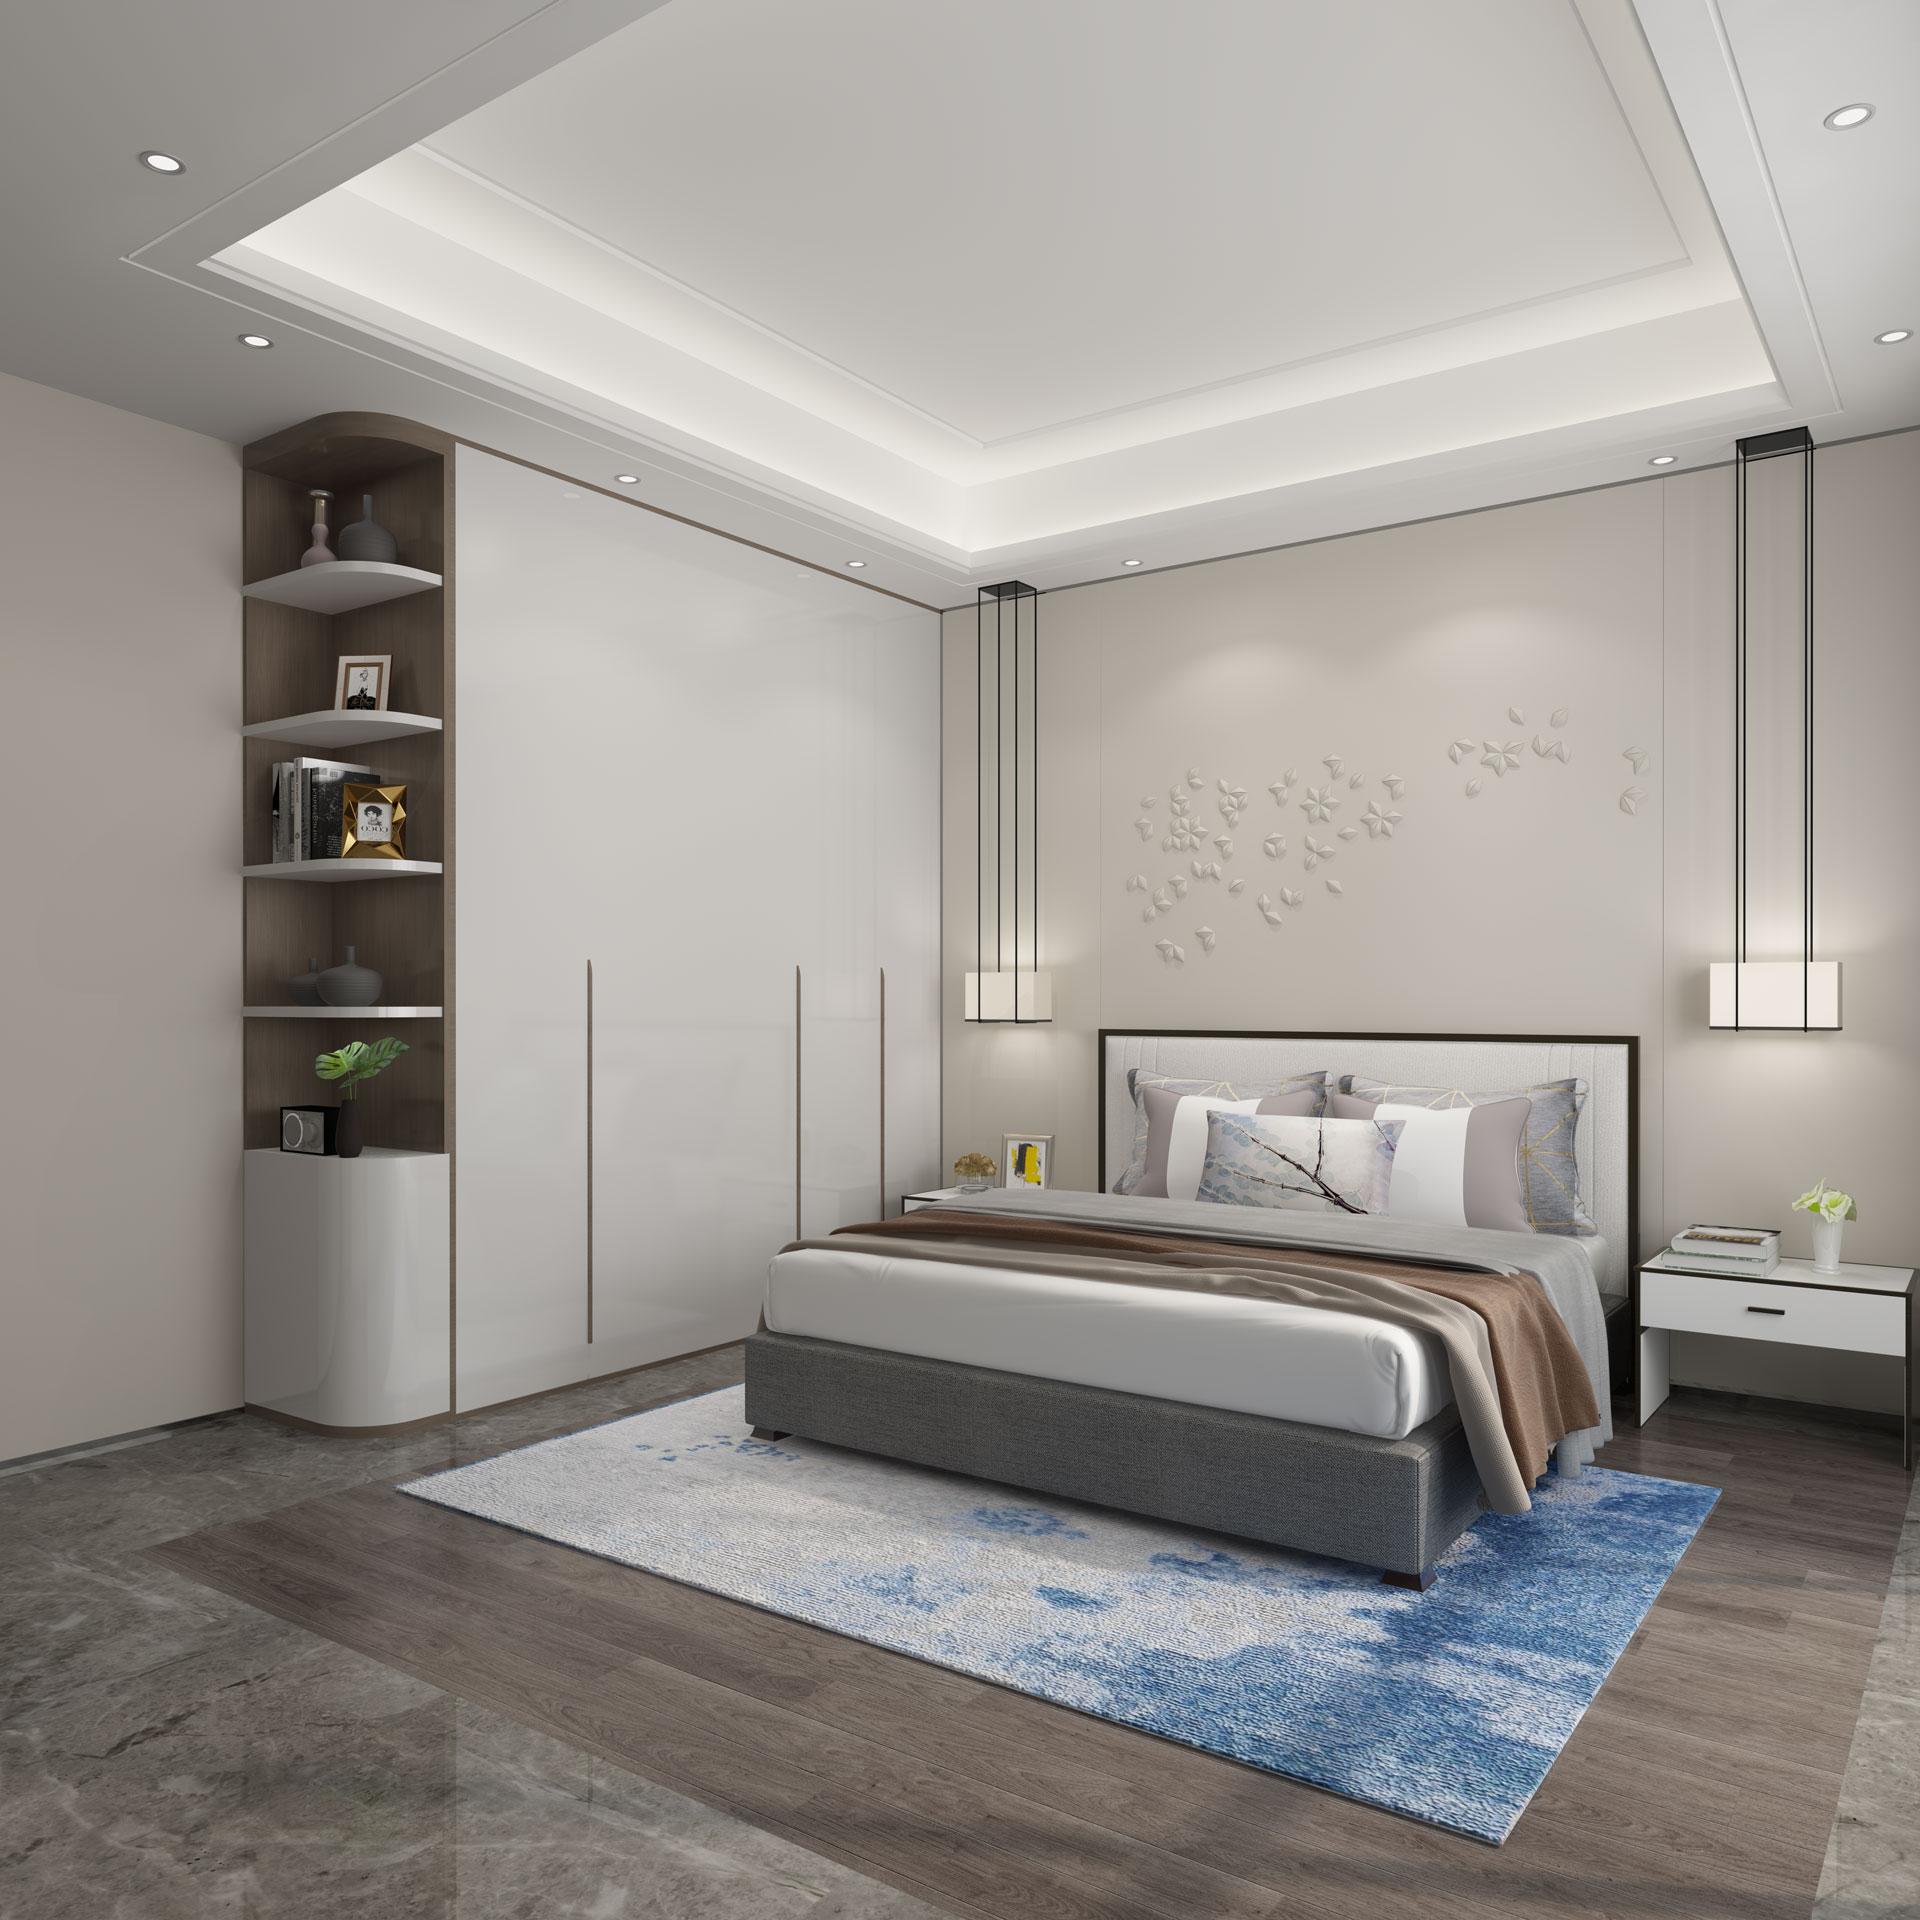 全铝橱柜材料优势,保用到50年,和房子同寿命